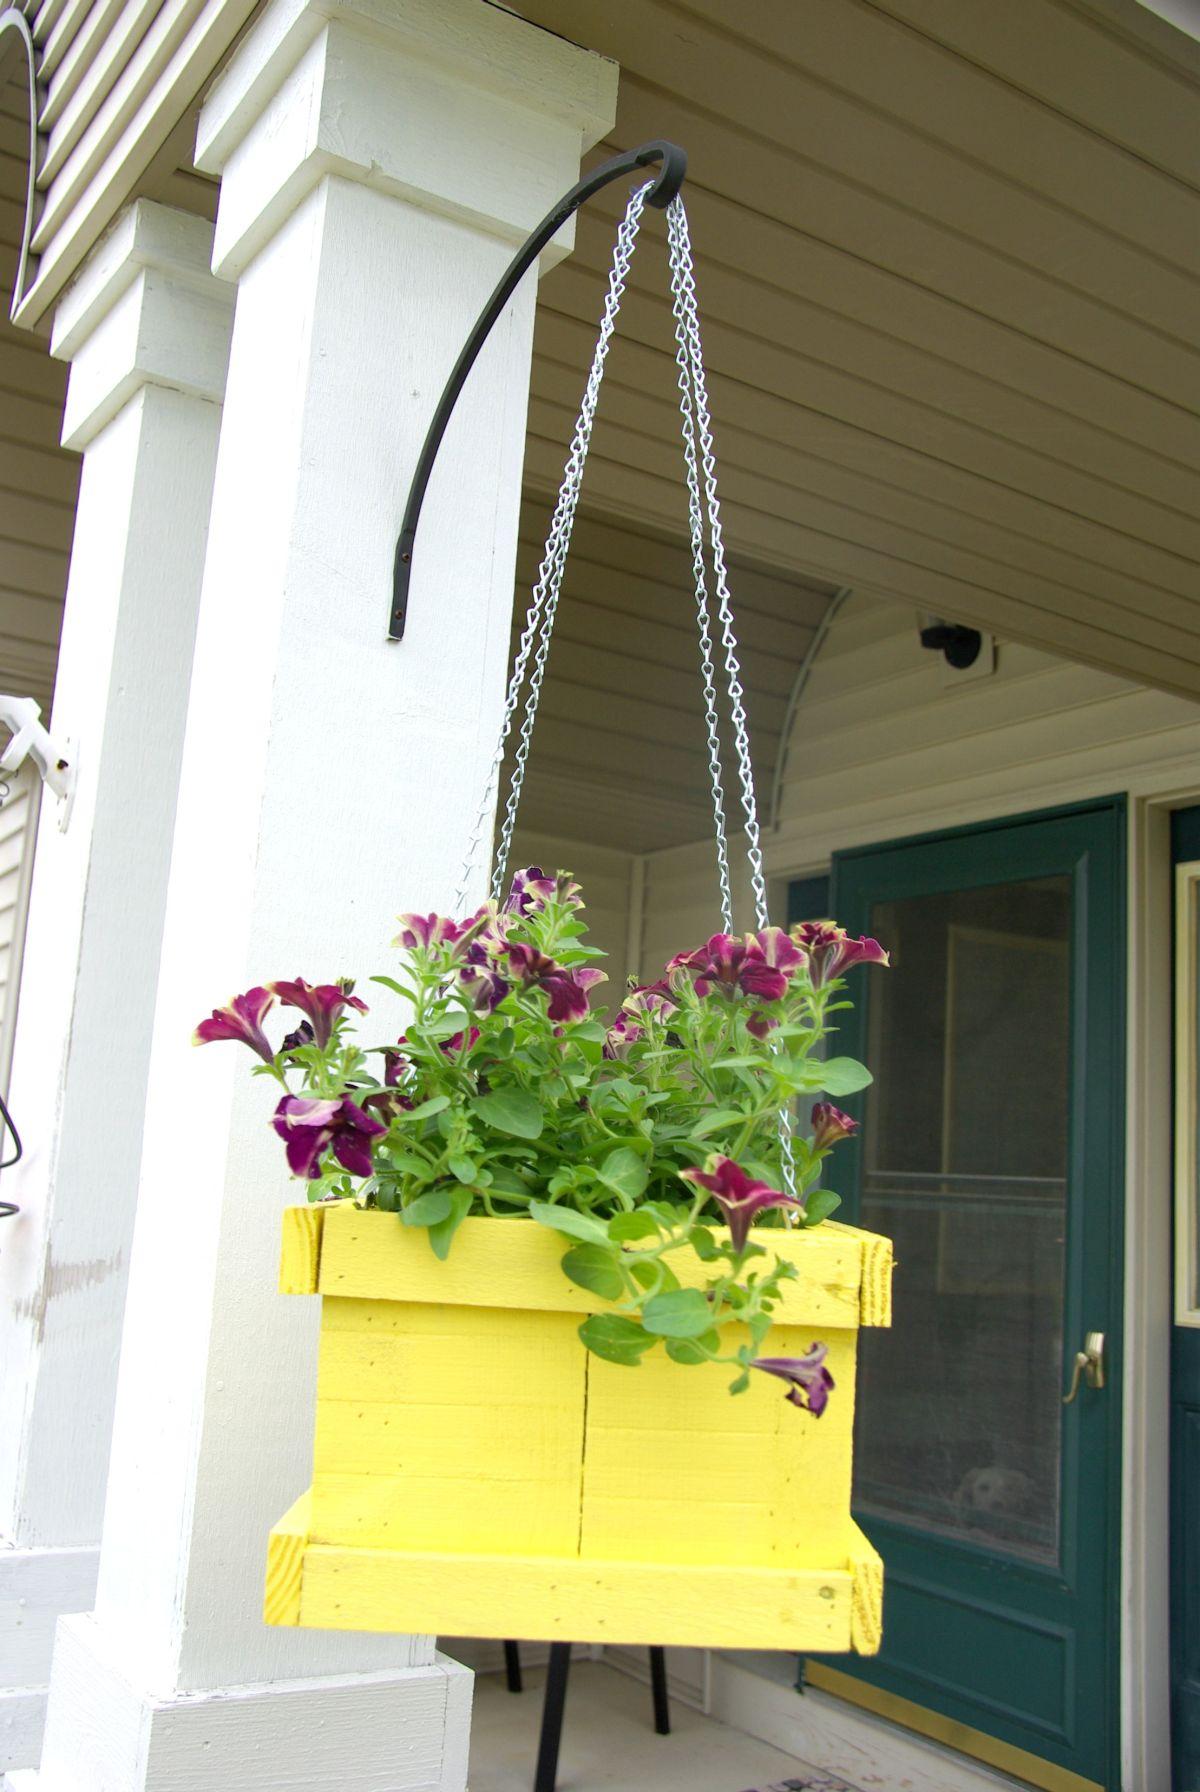 DIY Wood Pallet Hanging Planter